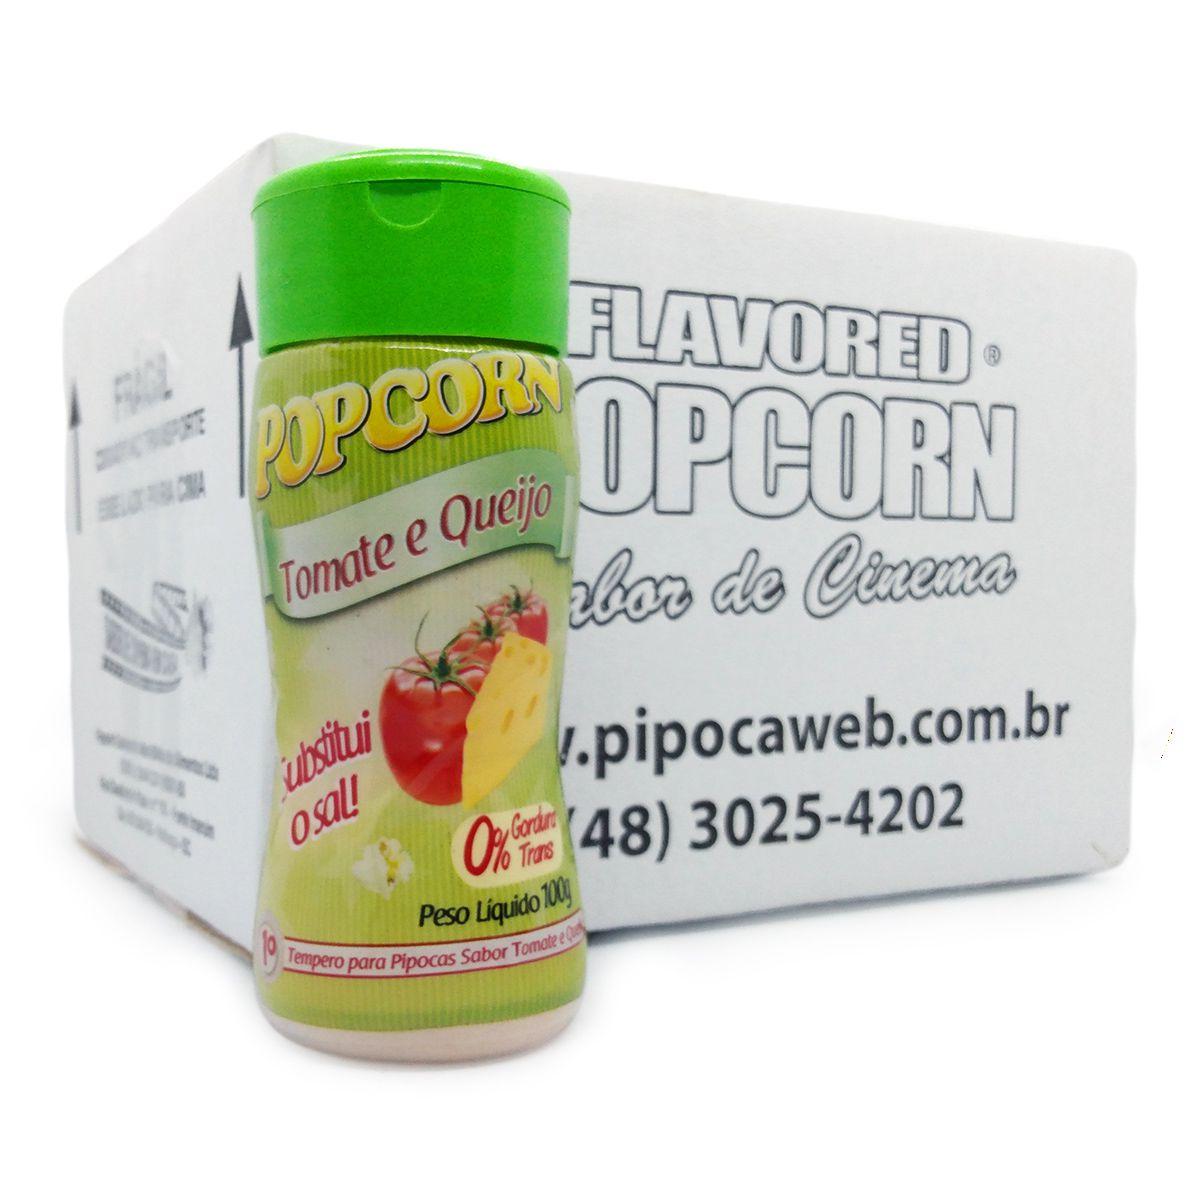 TEMPEROS P/ PIPOCA - SABOR TOMATE E QUEIJO 100g - Caixa c/ 12 Un - R$ 7.66